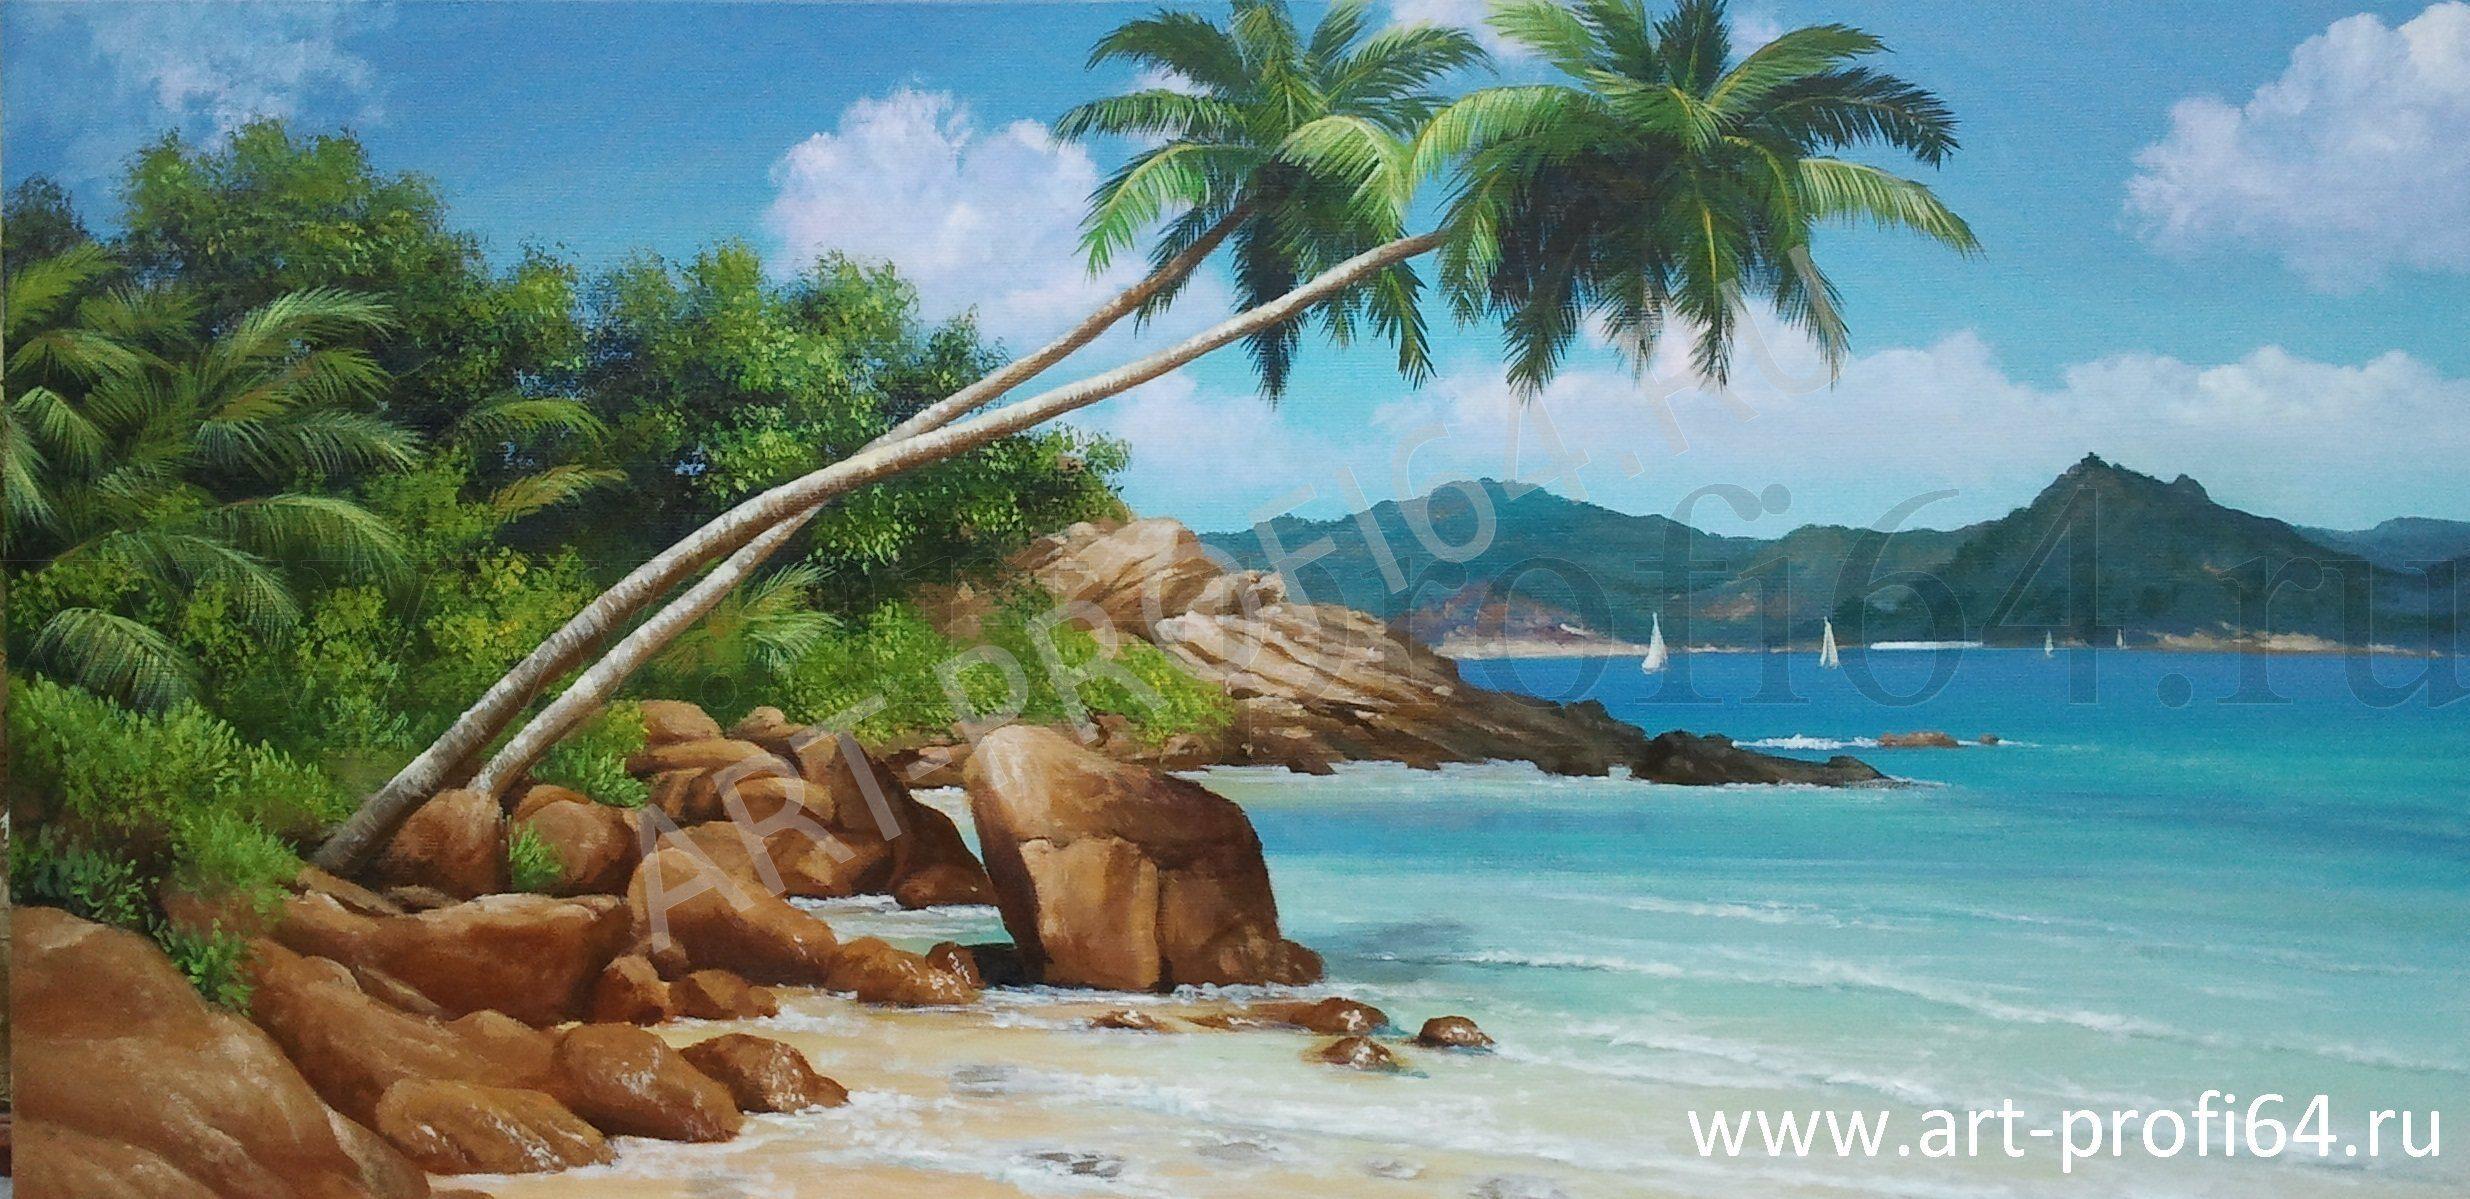 Картина райский остров работа павлов